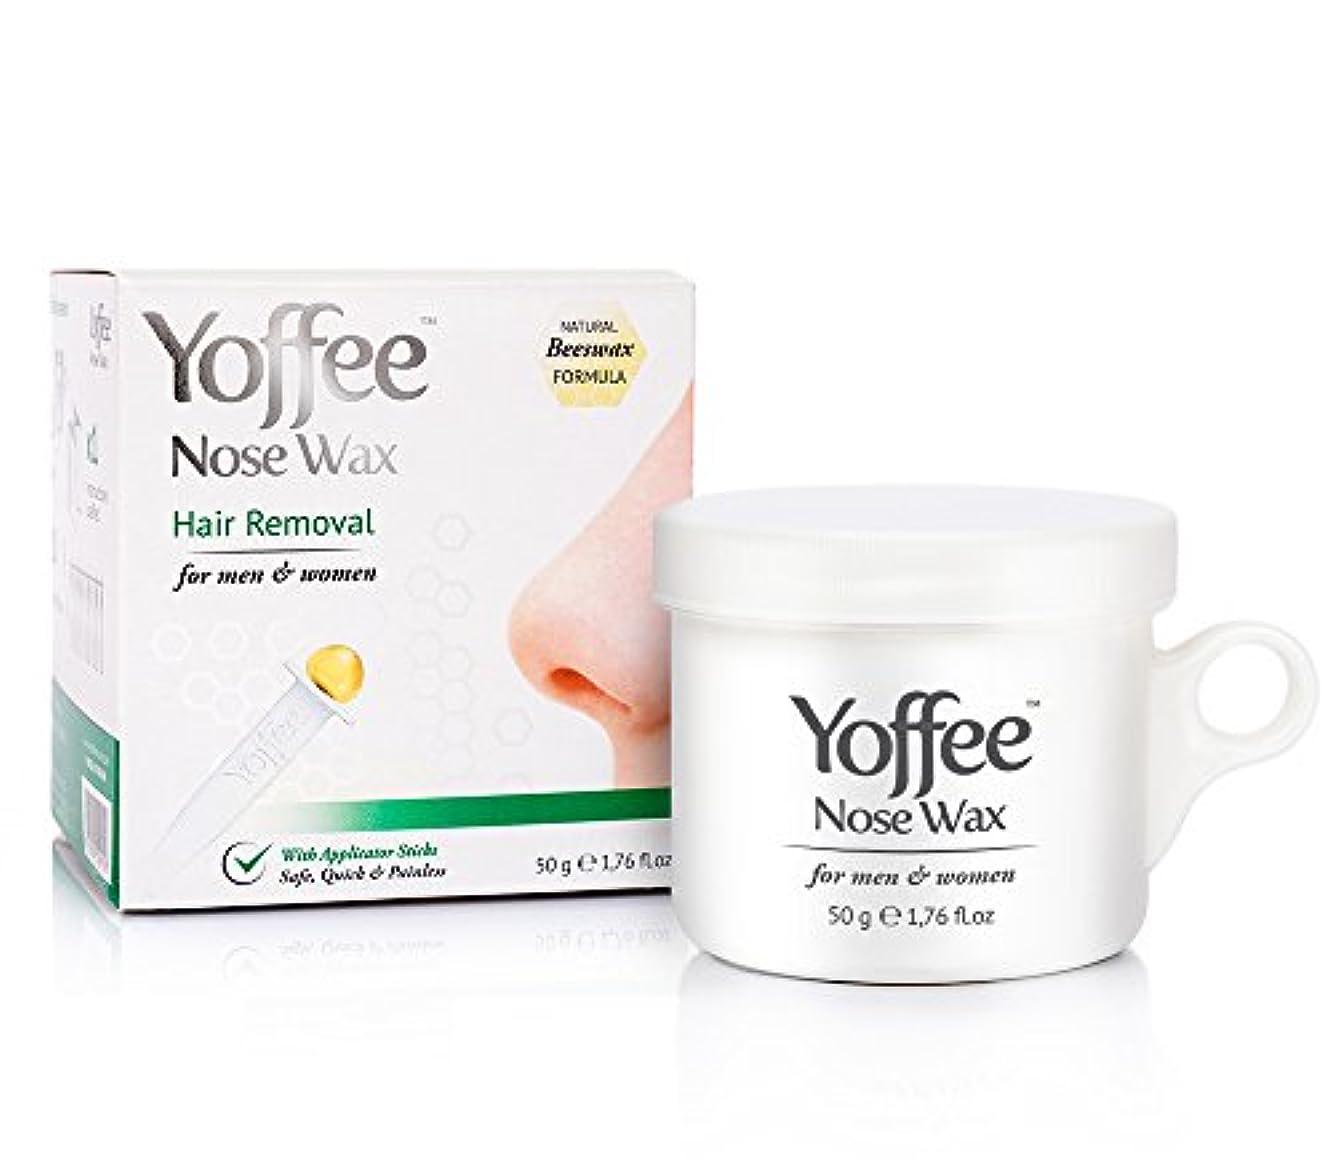 慣習インディカフルートヨーフィ (Yoffee) ノーズ ヘア リムーバル 鼻毛 脱毛 ビーズ ワックス